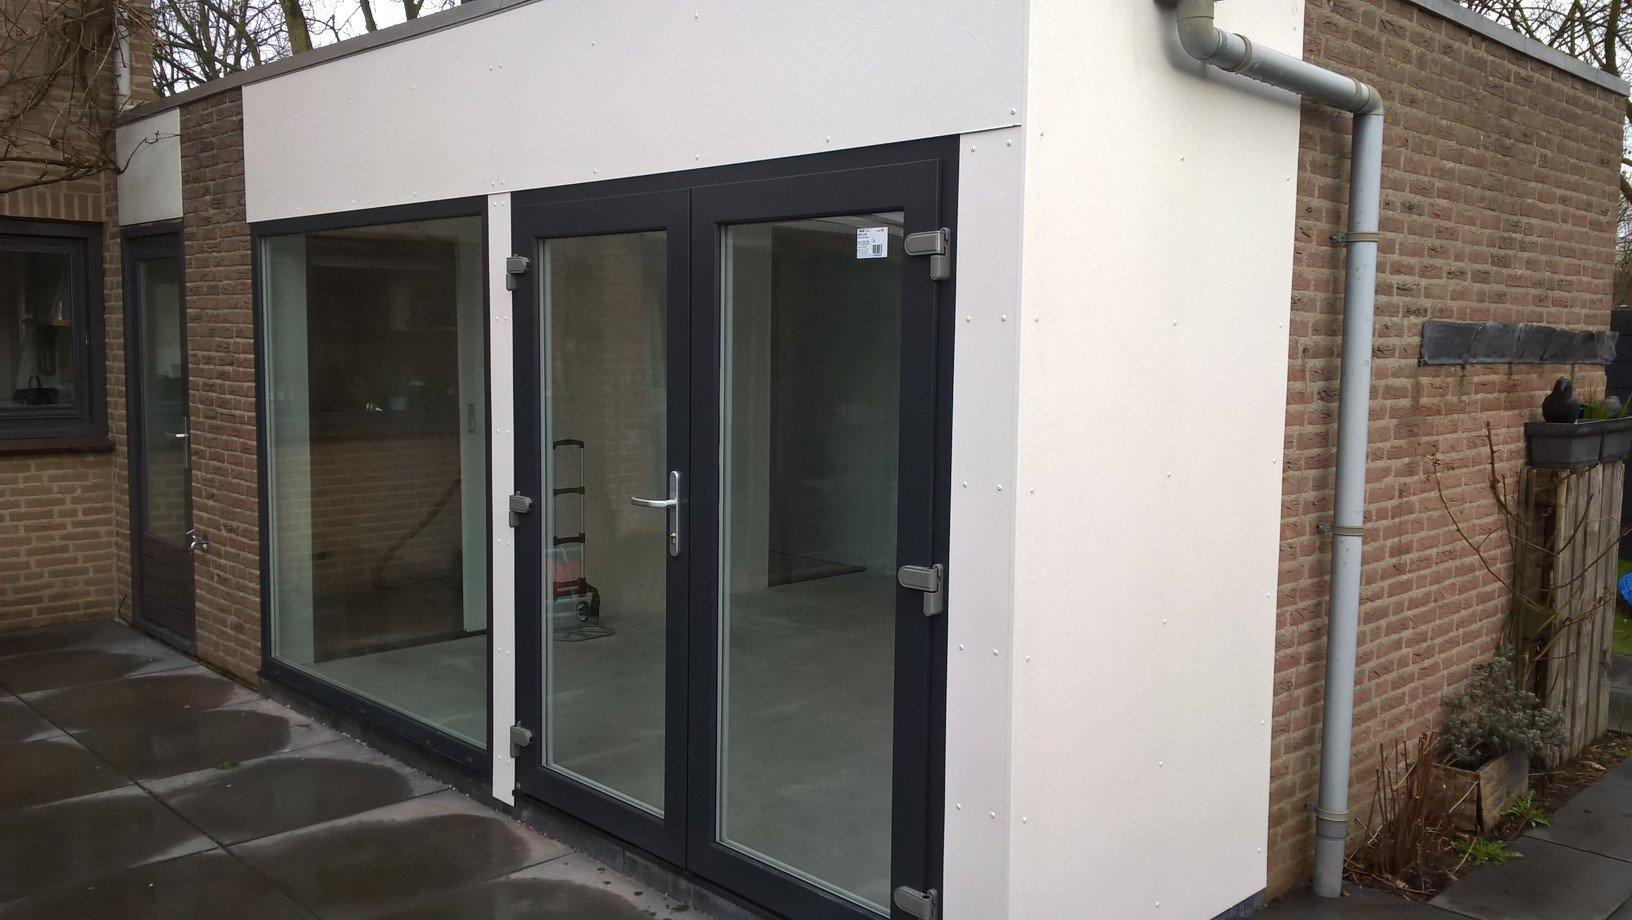 Beste Verbouwing garage tot slaapkamer met badkamer - Werkspot NT-48